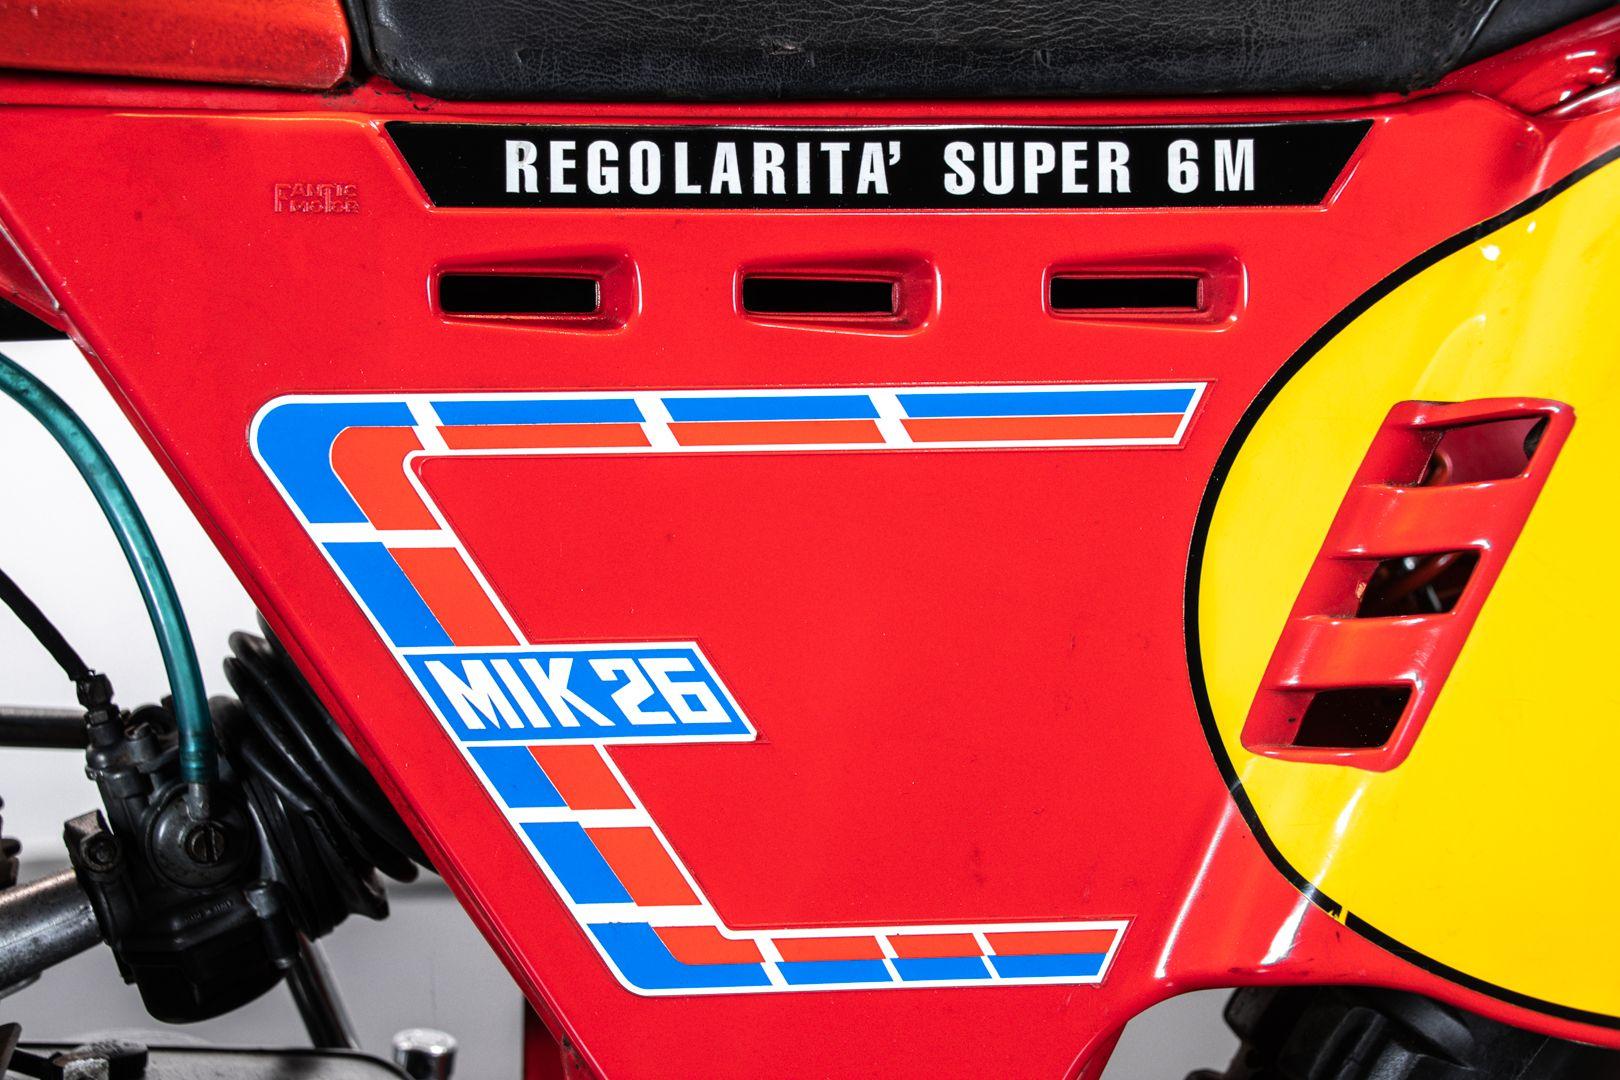 1980 Fantic Motor Caballero 50 Super 6M TX 190 65393